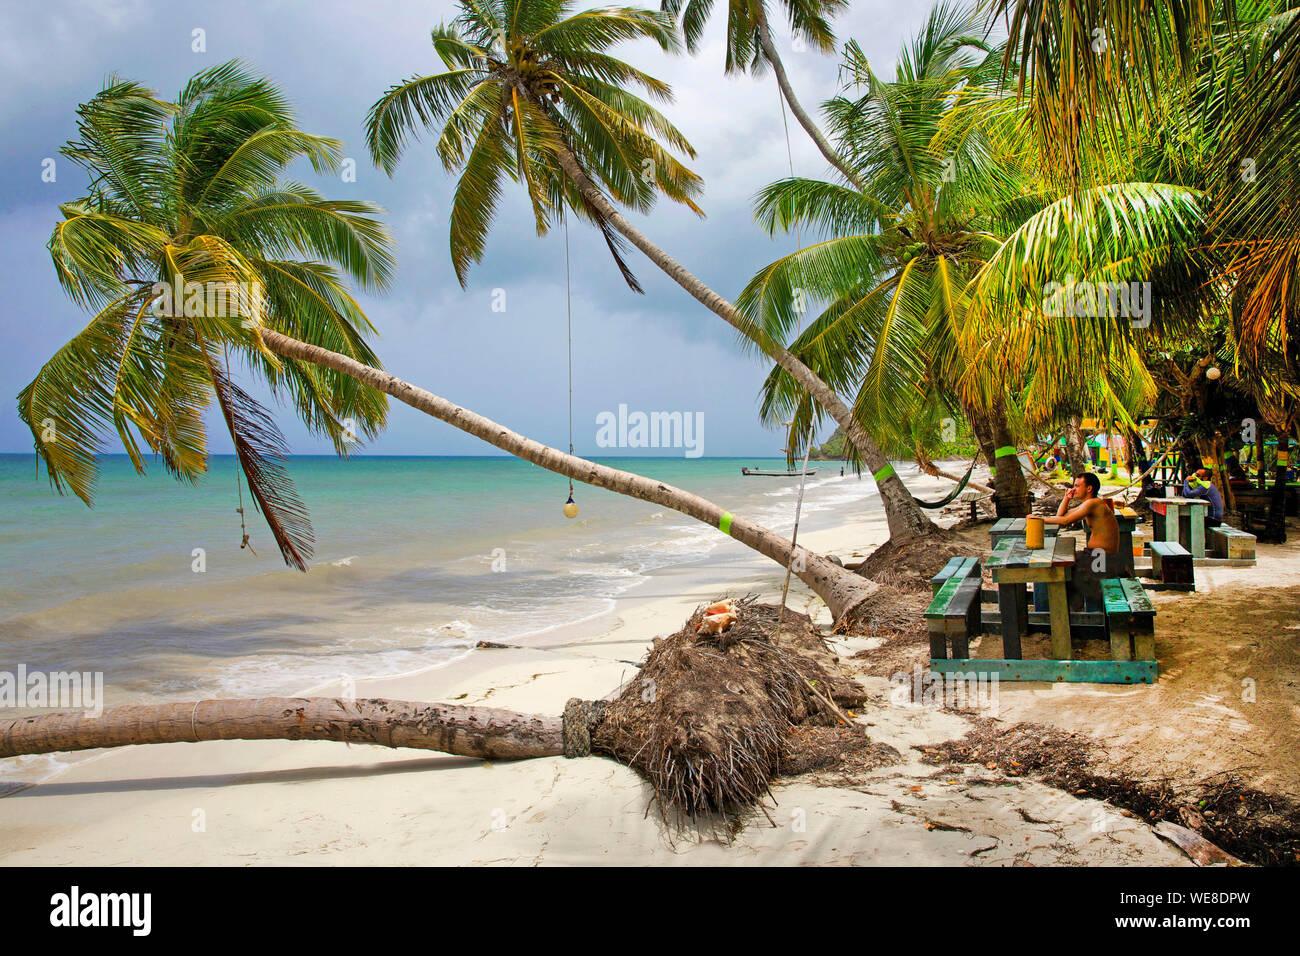 Colombia, la Isla de Providencia, Rolland's Bar ubicado en Playa Manzanillo Foto de stock